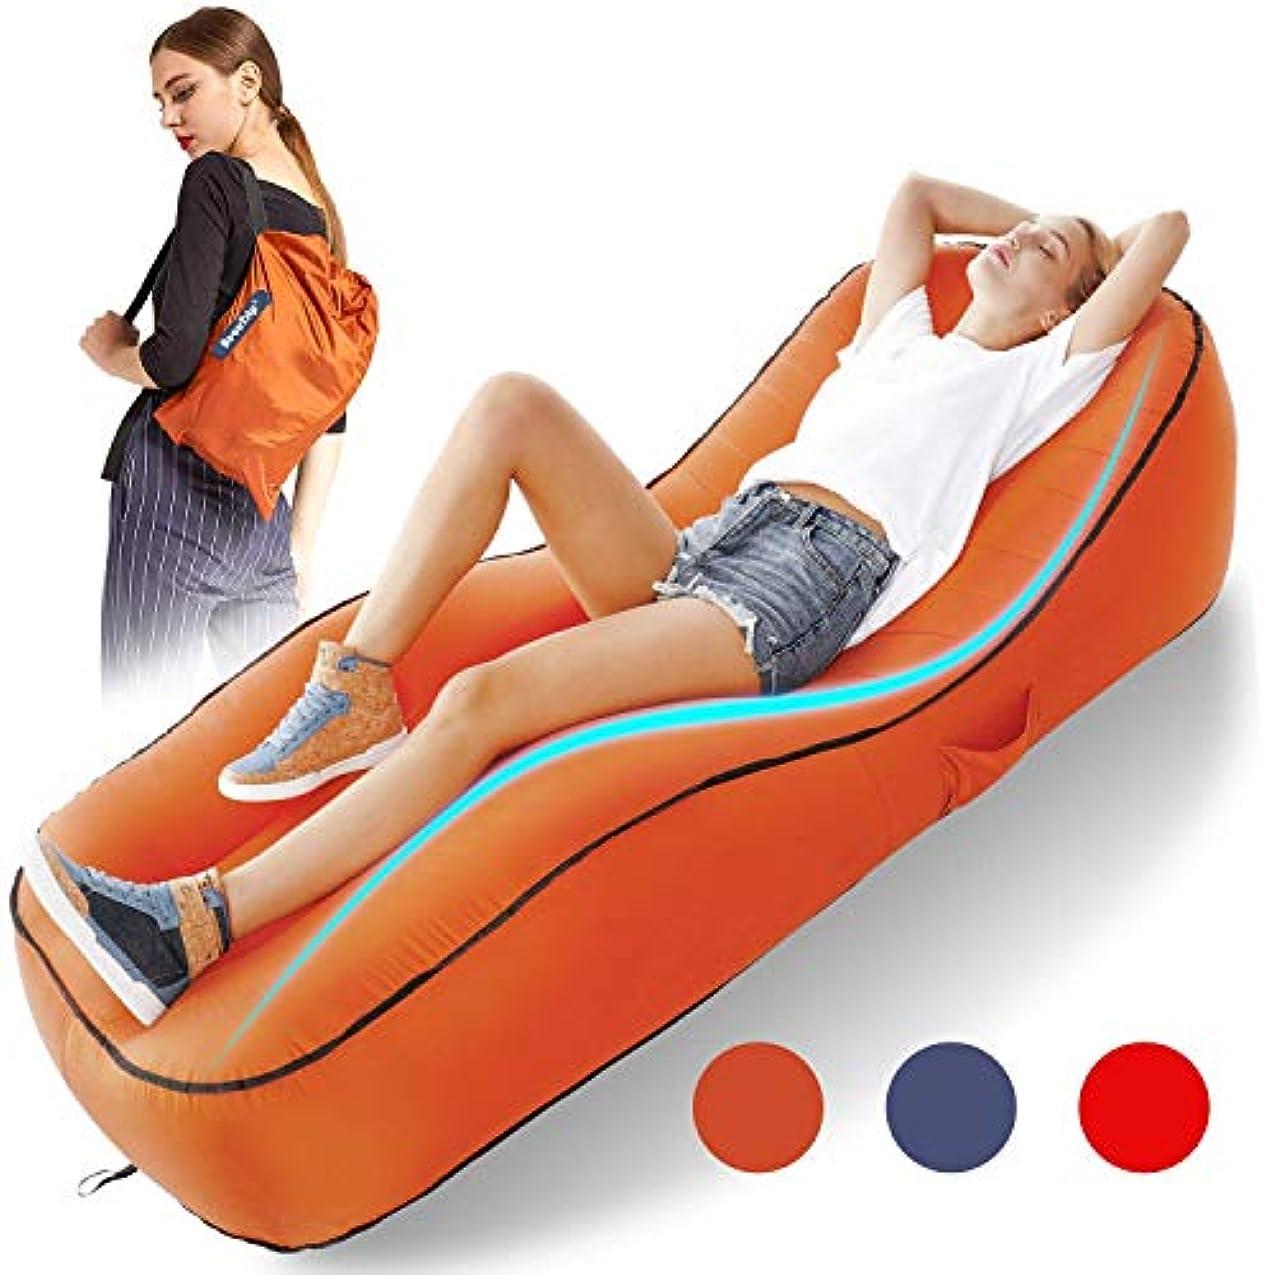 迅速はちみつはっきりしない膨脹可能なラウンジャーの空気ソファーのハンモック、ヘッドレストが付いている防水空気ラウンジャーの速い膨脹可能な空気ベッド、裏庭/プール/浜/キャンプのための怠惰なラウンジ/ピクニック音楽祭 (色 : ブラウン ぶらうん)